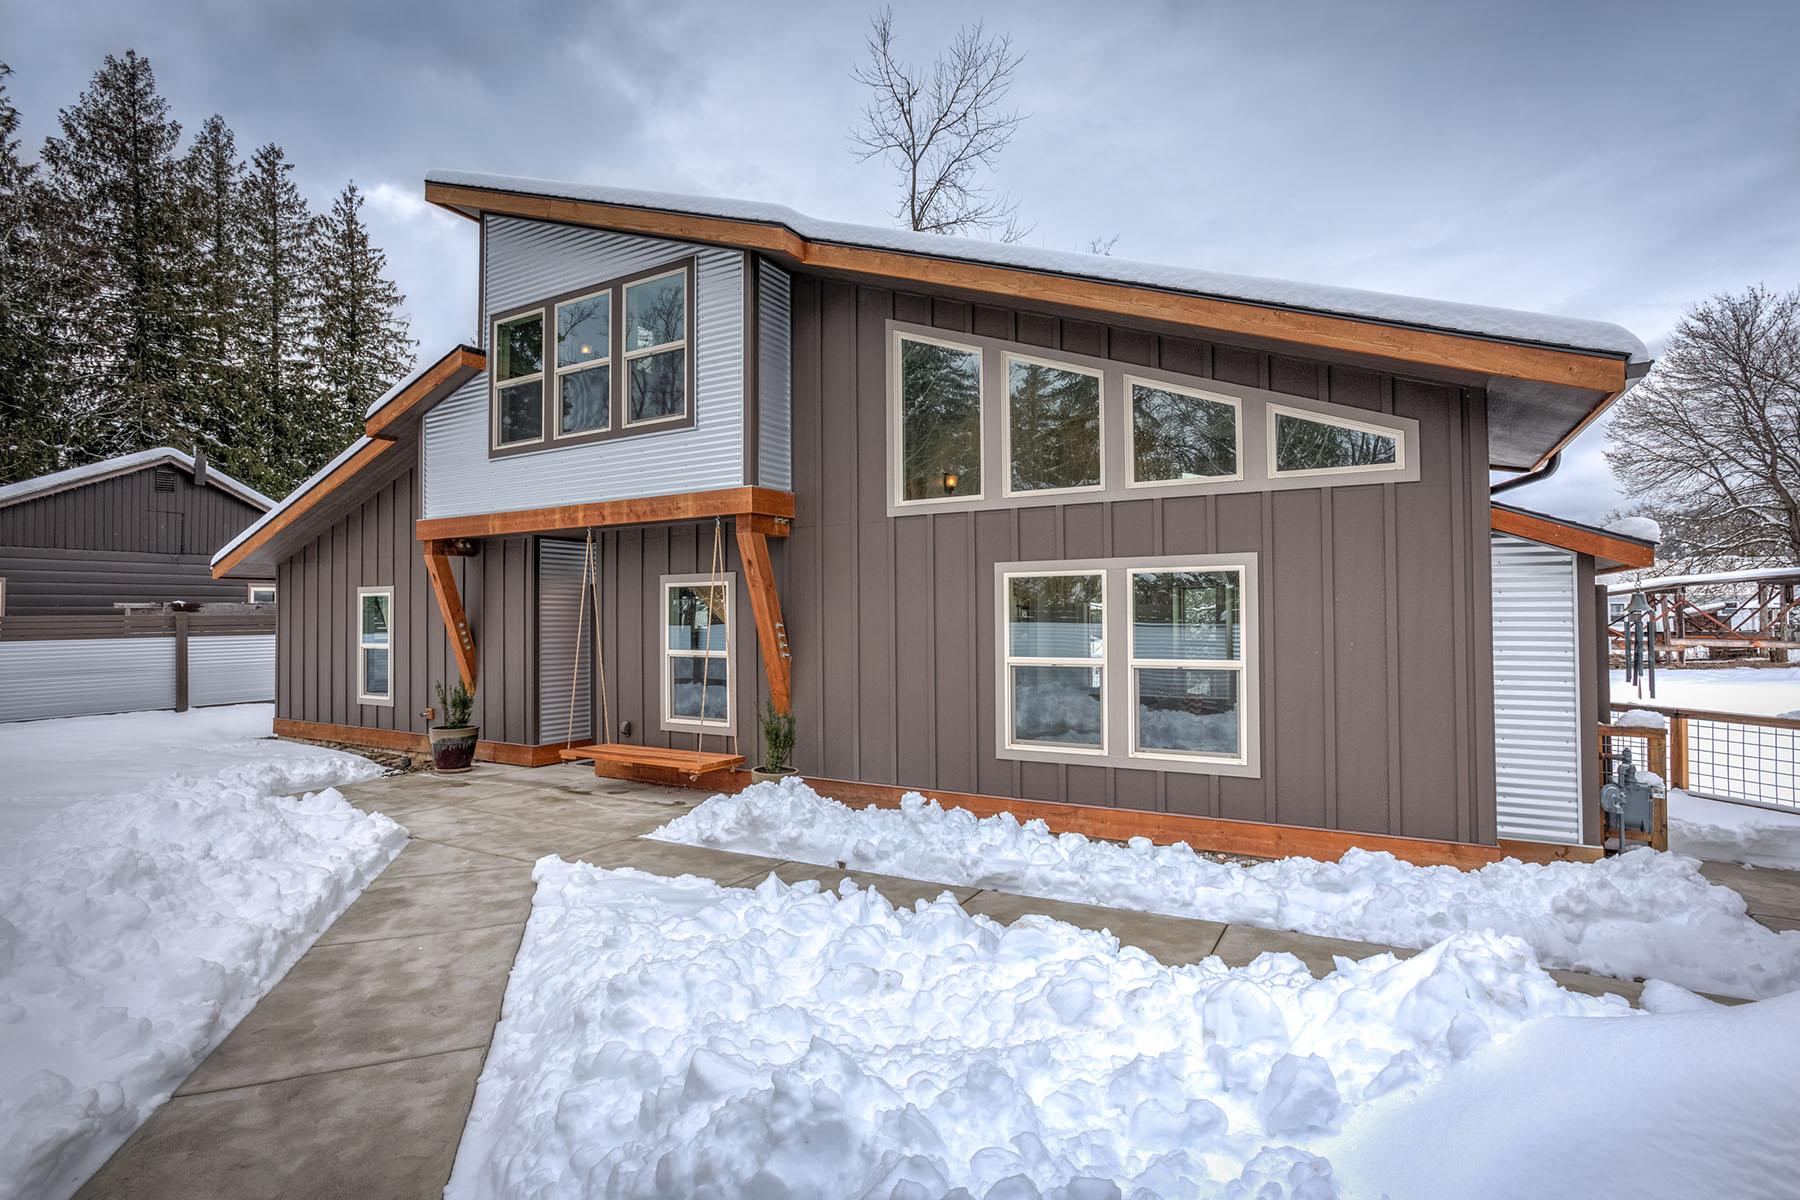 Частный односемейный дом для того Продажа на 210 3rd St., Dover 210 3rd Street, Dover, Айдахо, 83825 Соединенные Штаты